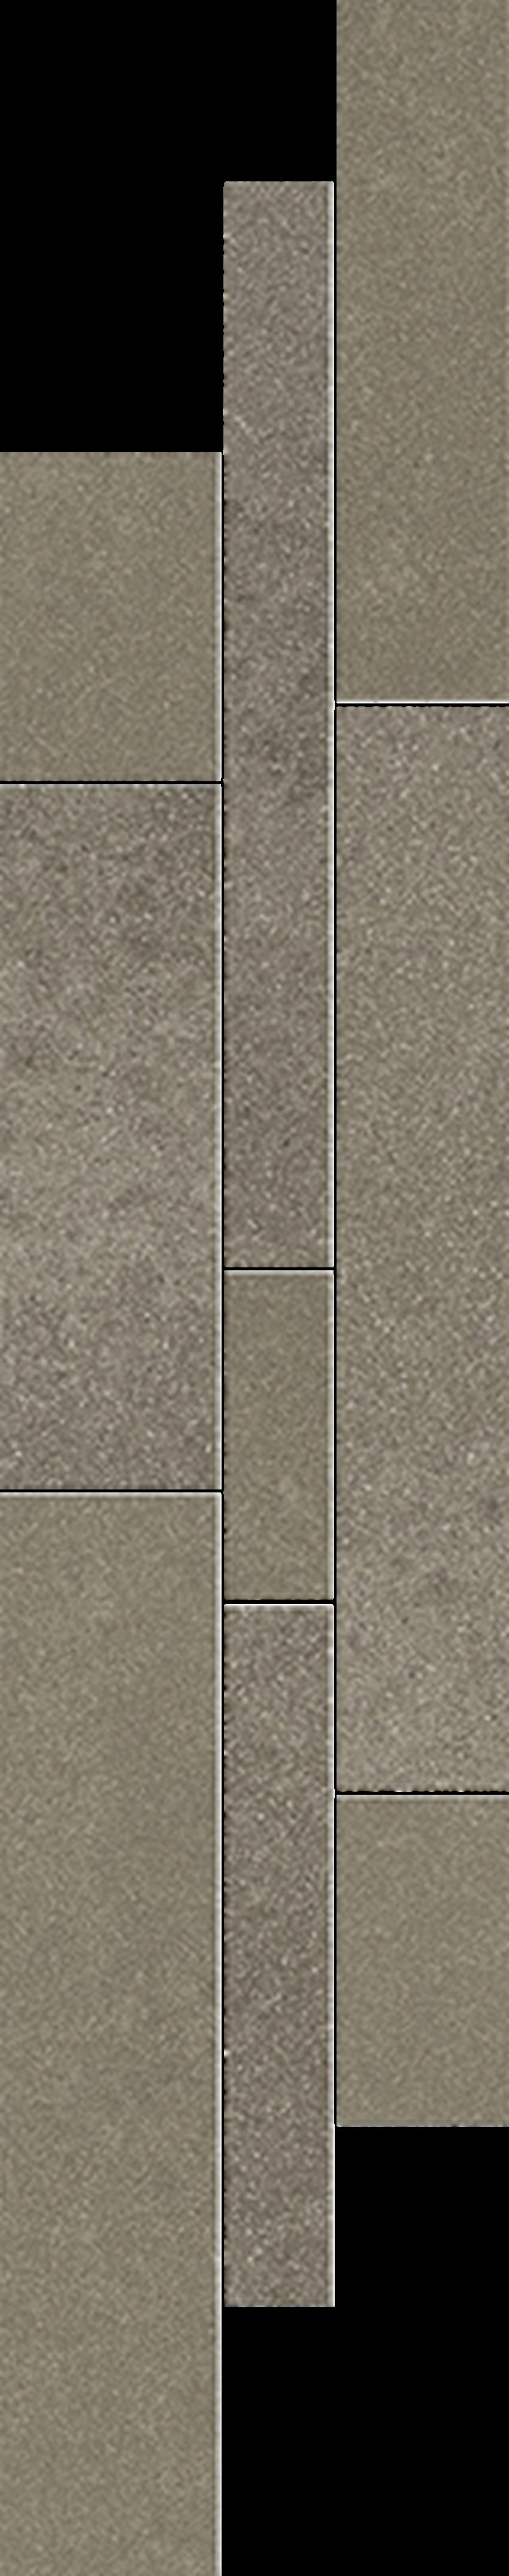 Dekoracja podłogowa 14,3x71 cm Paradyż Naturstone Umbra Listwa Mix Paski